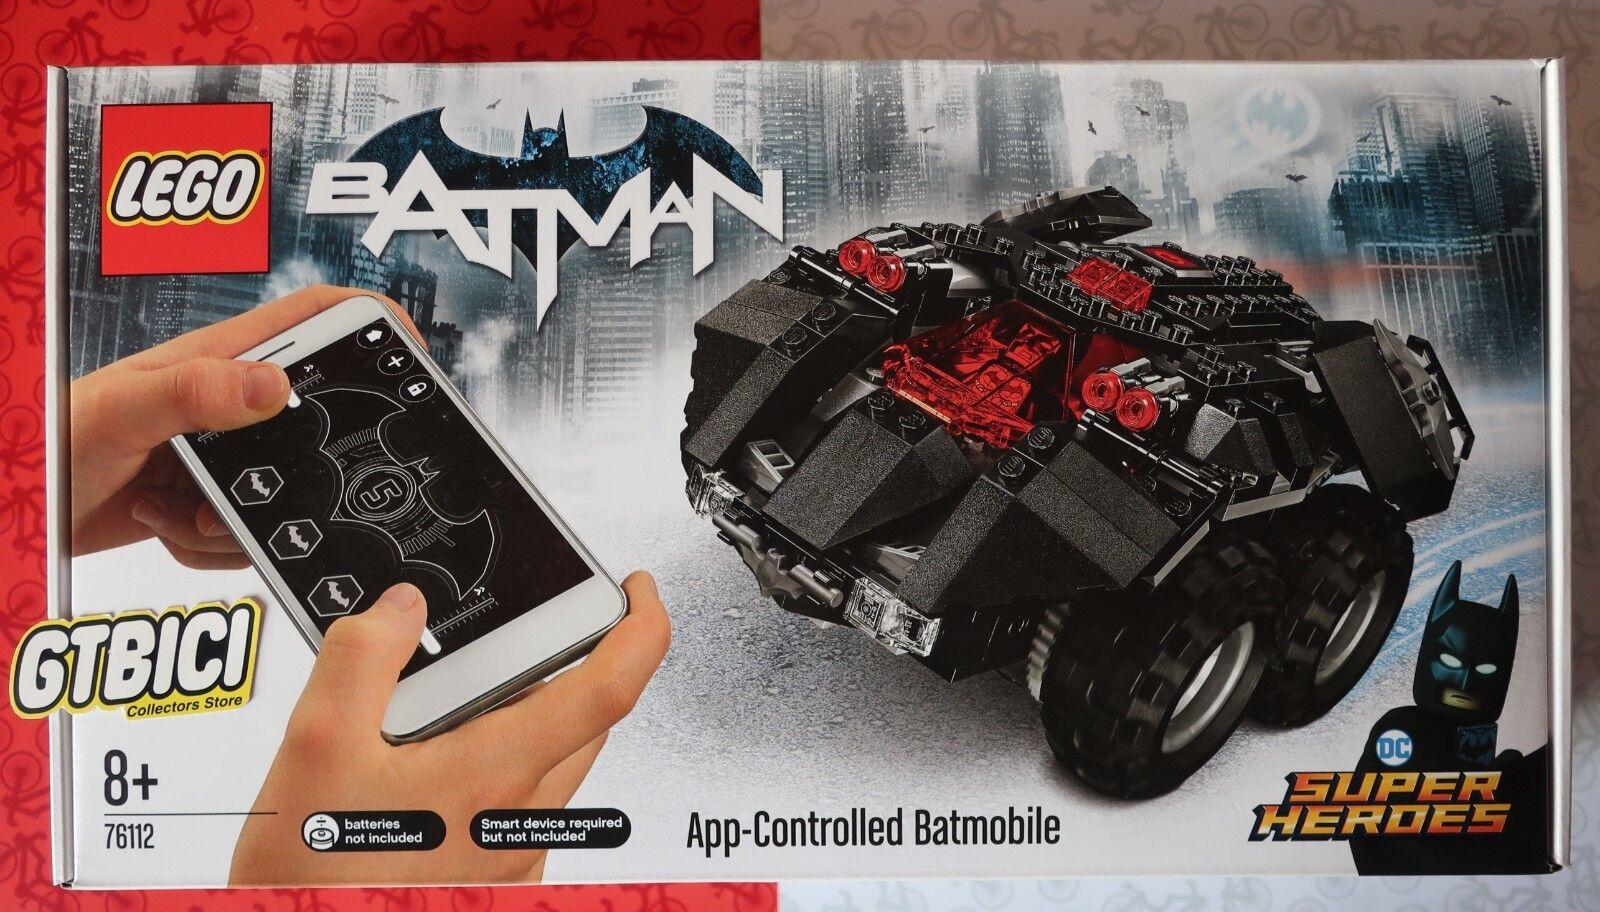 LEGO DC SUPER HEROES  APP- CONTROLLED BATMOBILE    Ref 76112  NUEVO A ESTRENAR aef703